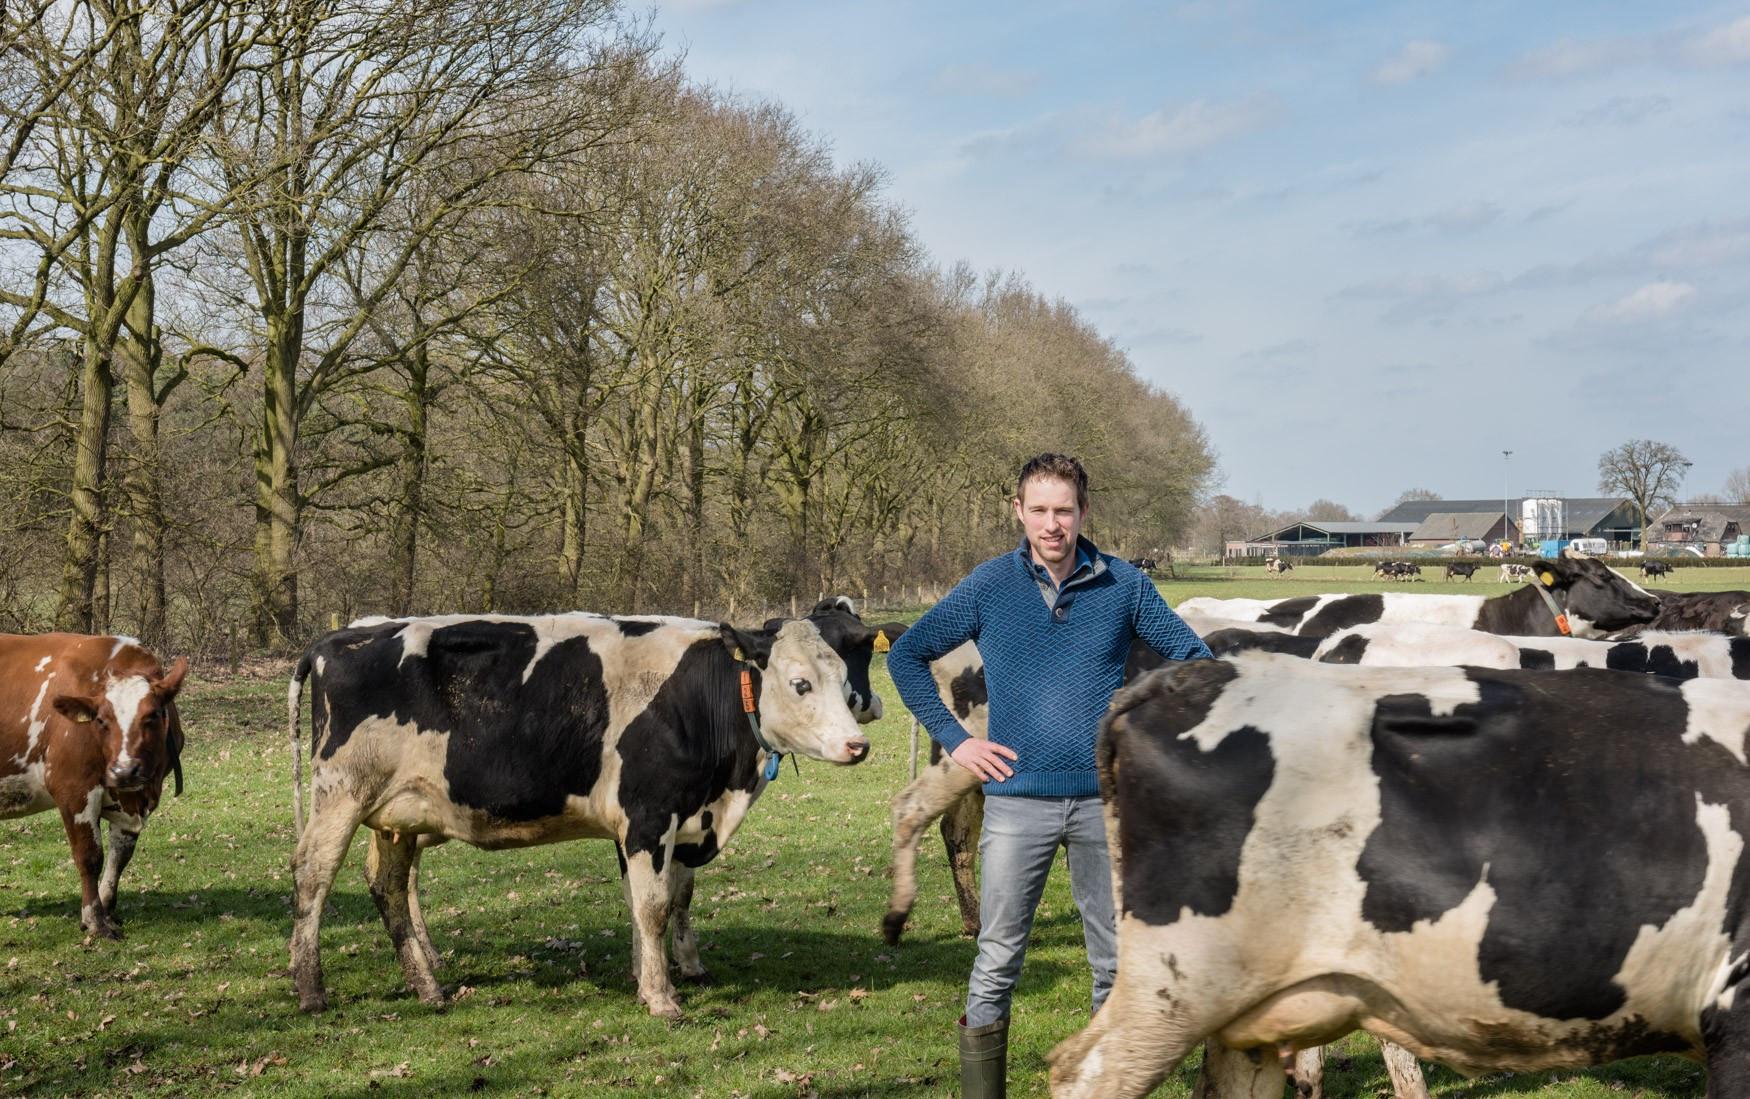 Aldi en Albert Heijn gaan mee in duurzame melk – actie Milieudefensie